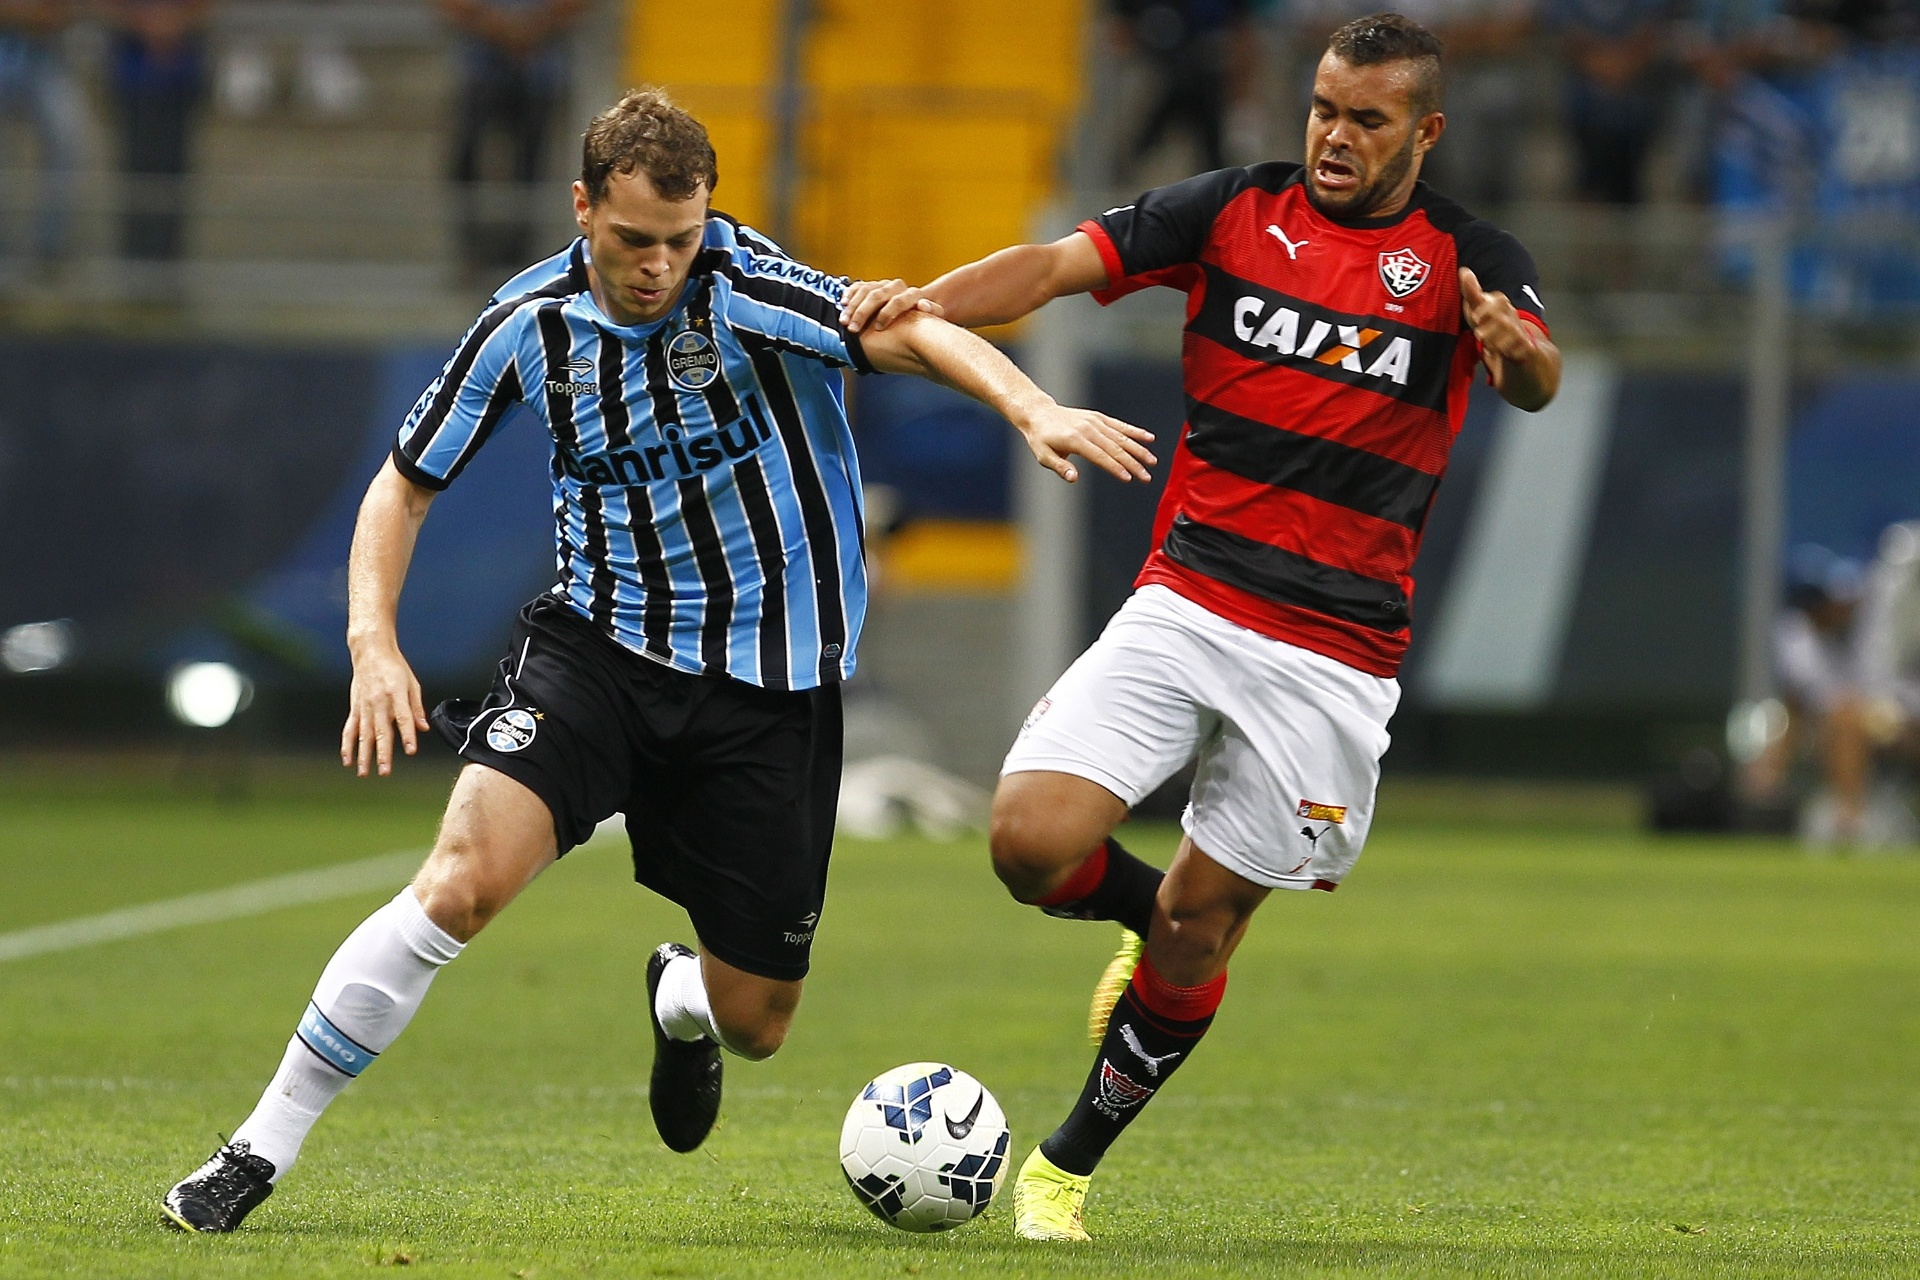 Grêmio recebe proposta e encaminha empréstimo de Lucas Coelho para o Goiás  - 10 03 2015 - UOL Esporte 534750bbc22a2